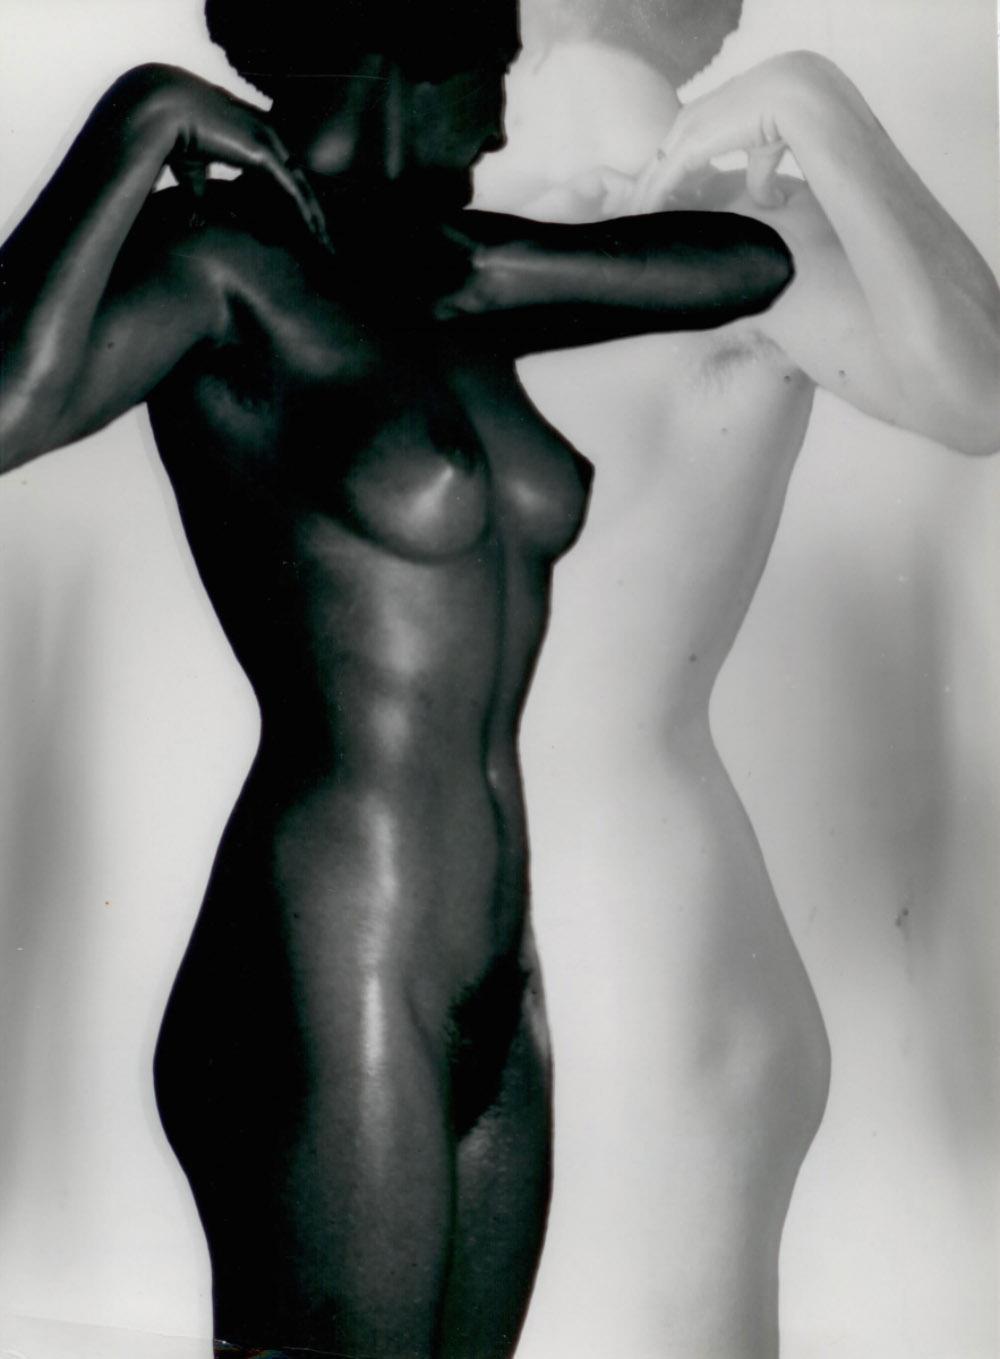 Schwarz-Weiß Akt, Vorstudie (Black & White Nude, Preliminary Study), 1930/1936